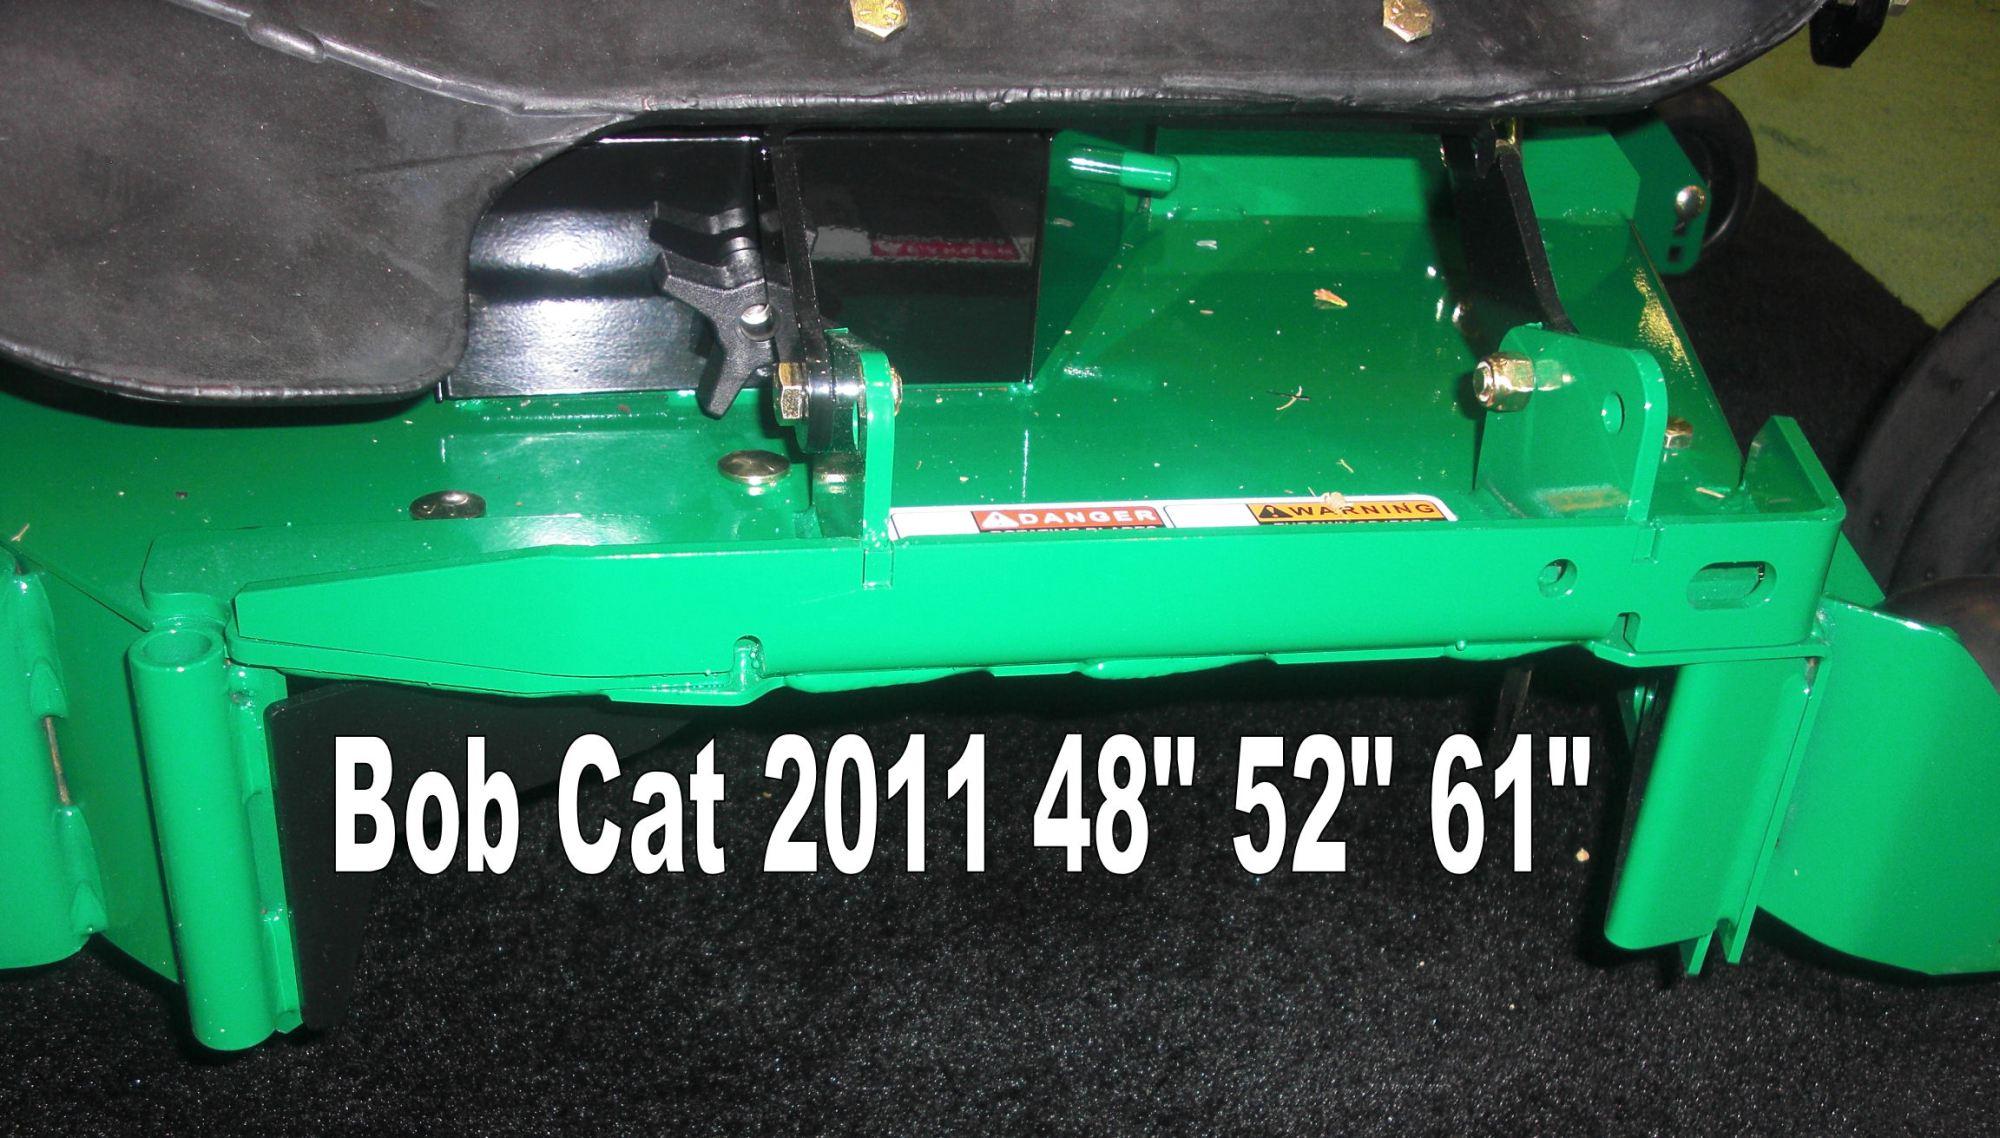 hight resolution of bobcat 2011 rider 48 52 61